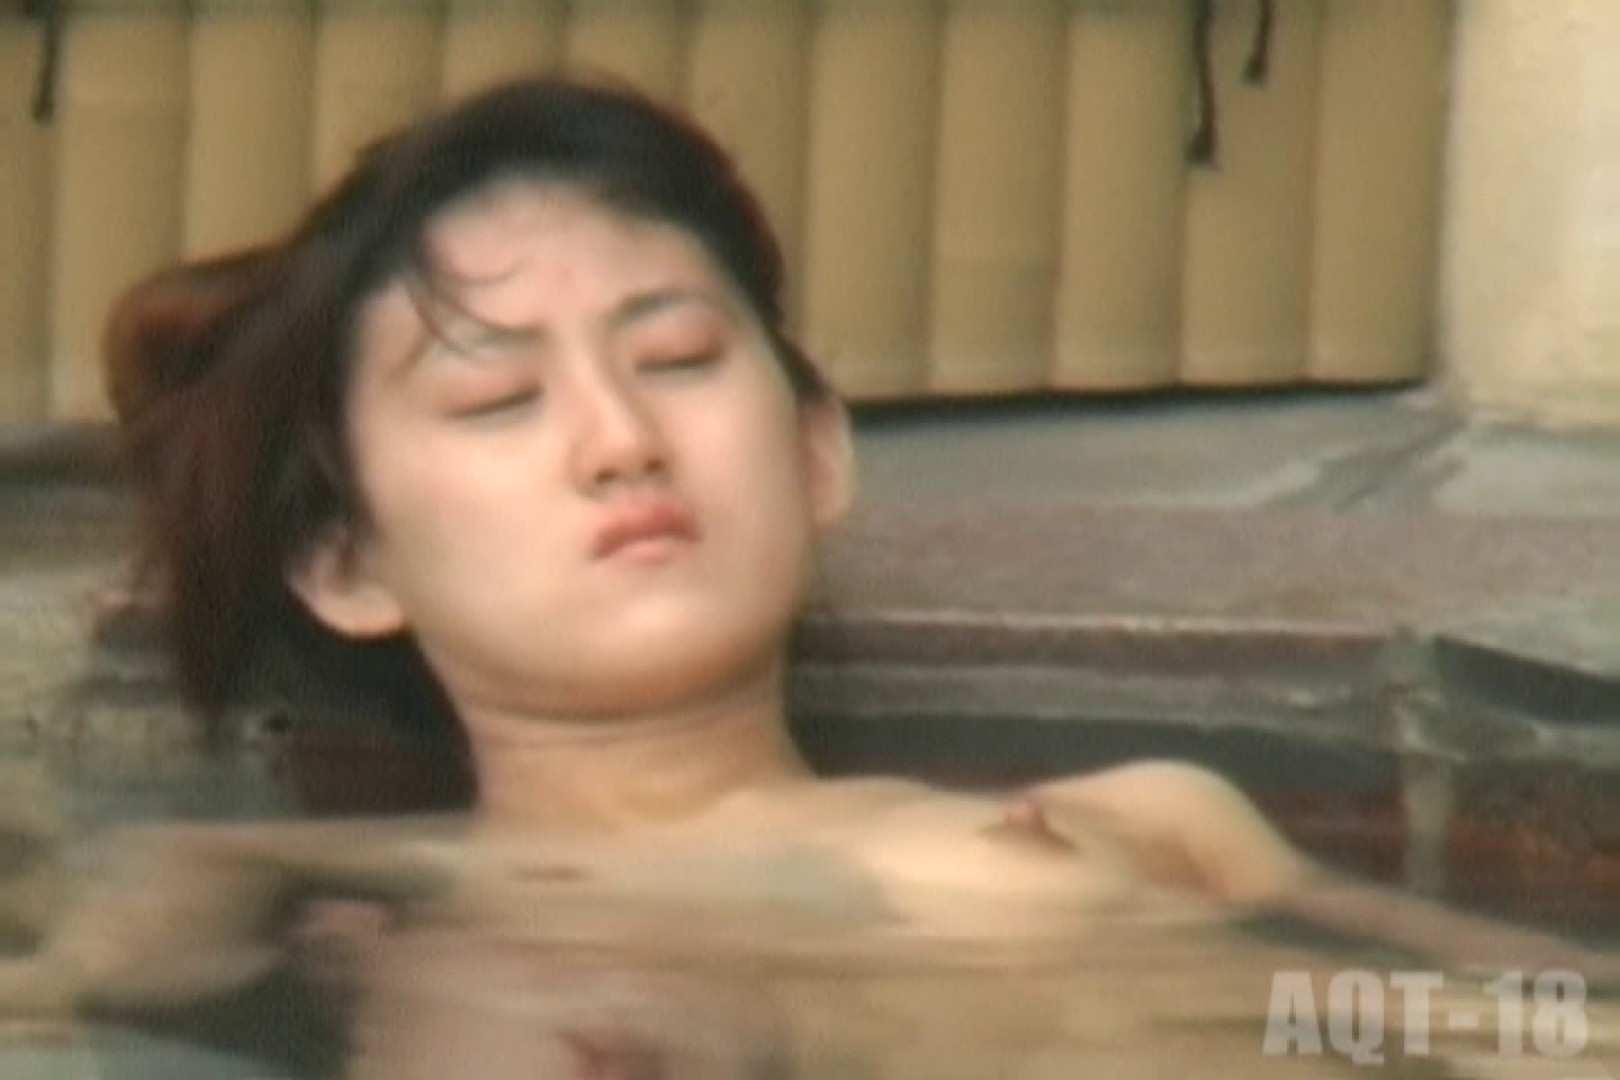 Aquaな露天風呂Vol.862 露天   OLエロ画像  92PICs 73